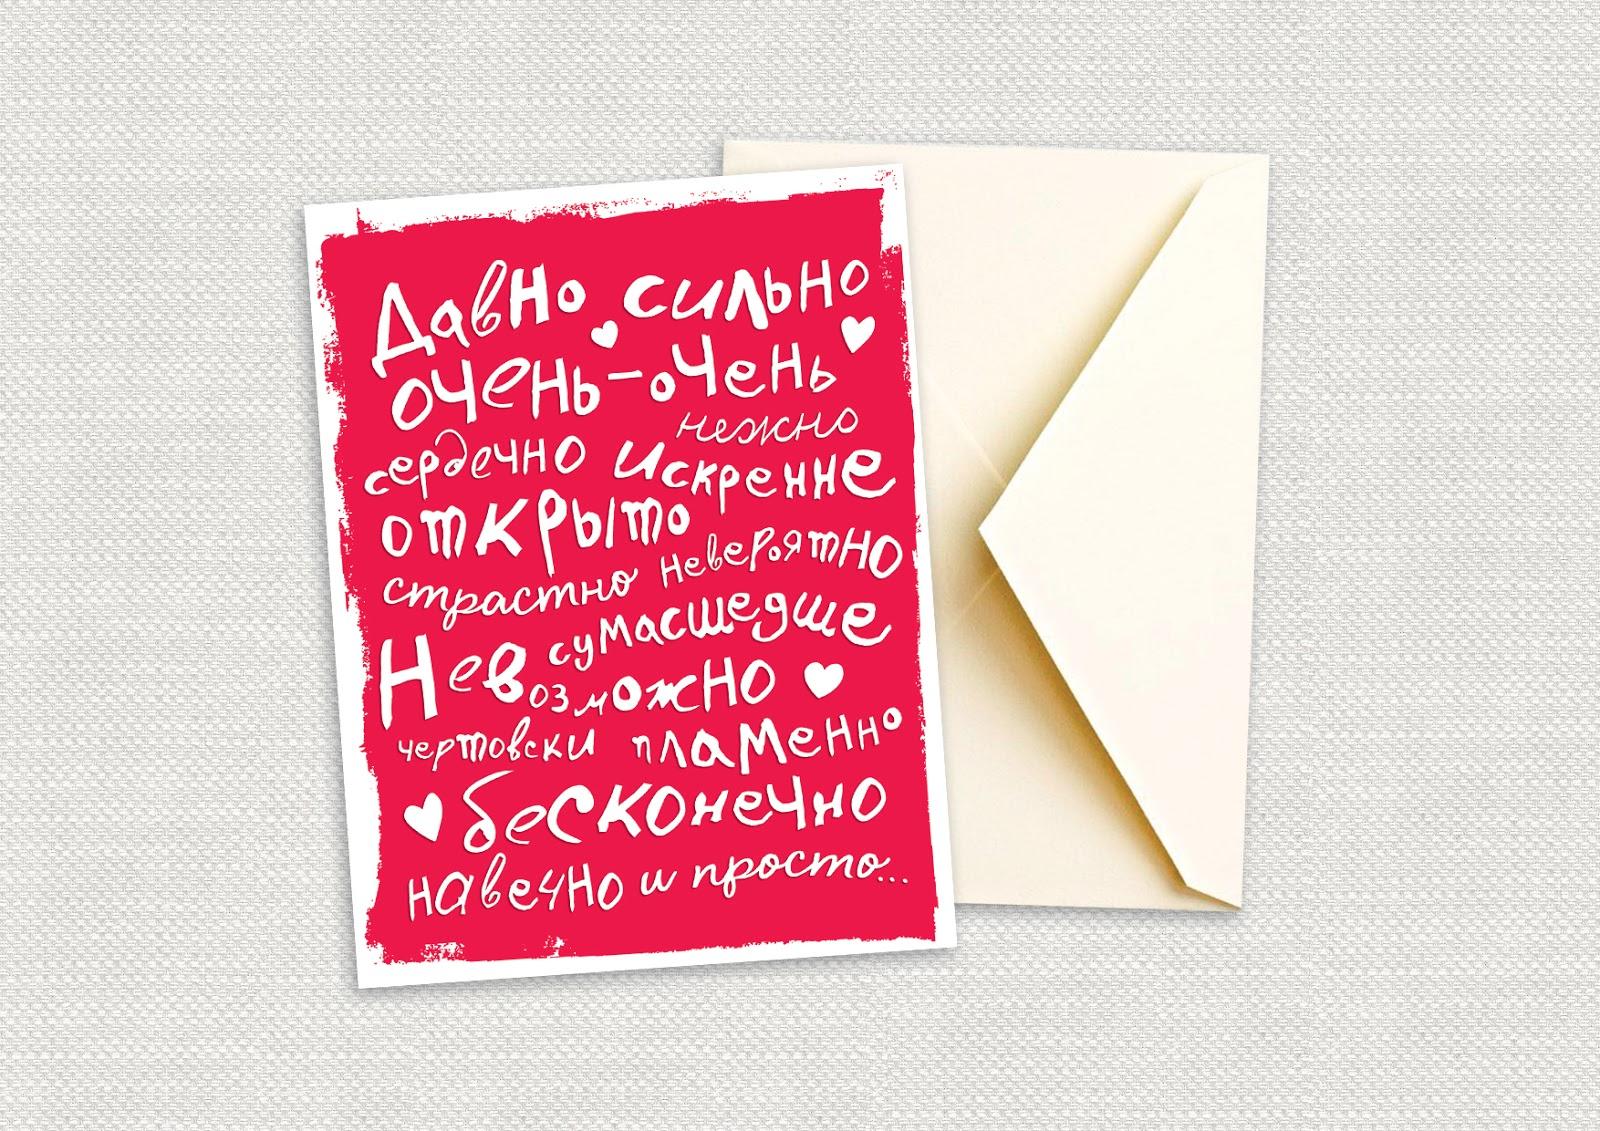 Признание в симпатии на открытке